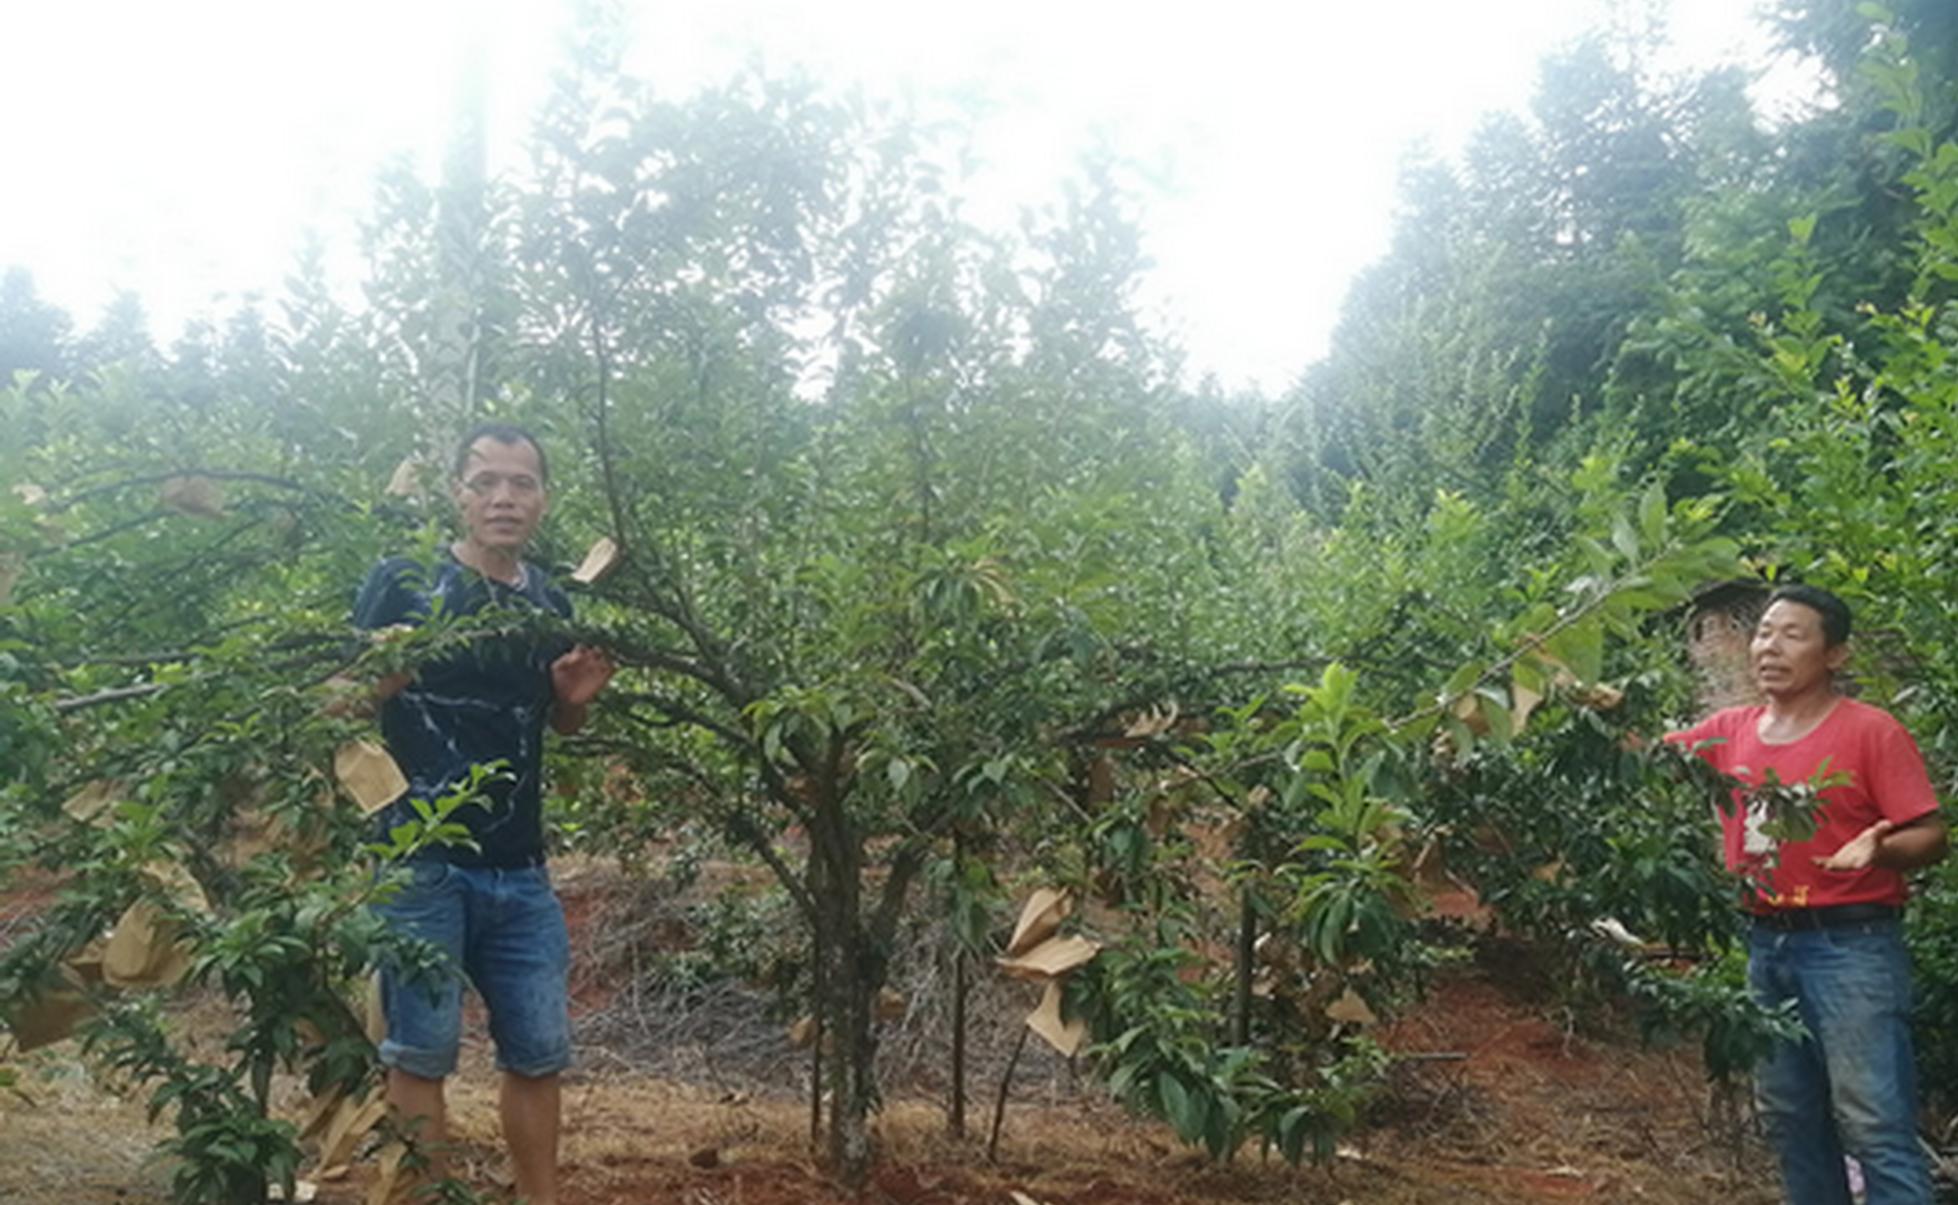 汝城县文明瑶族乡二都村,望不到边的果园满目葱茏,挂满了沉甸甸的果实。